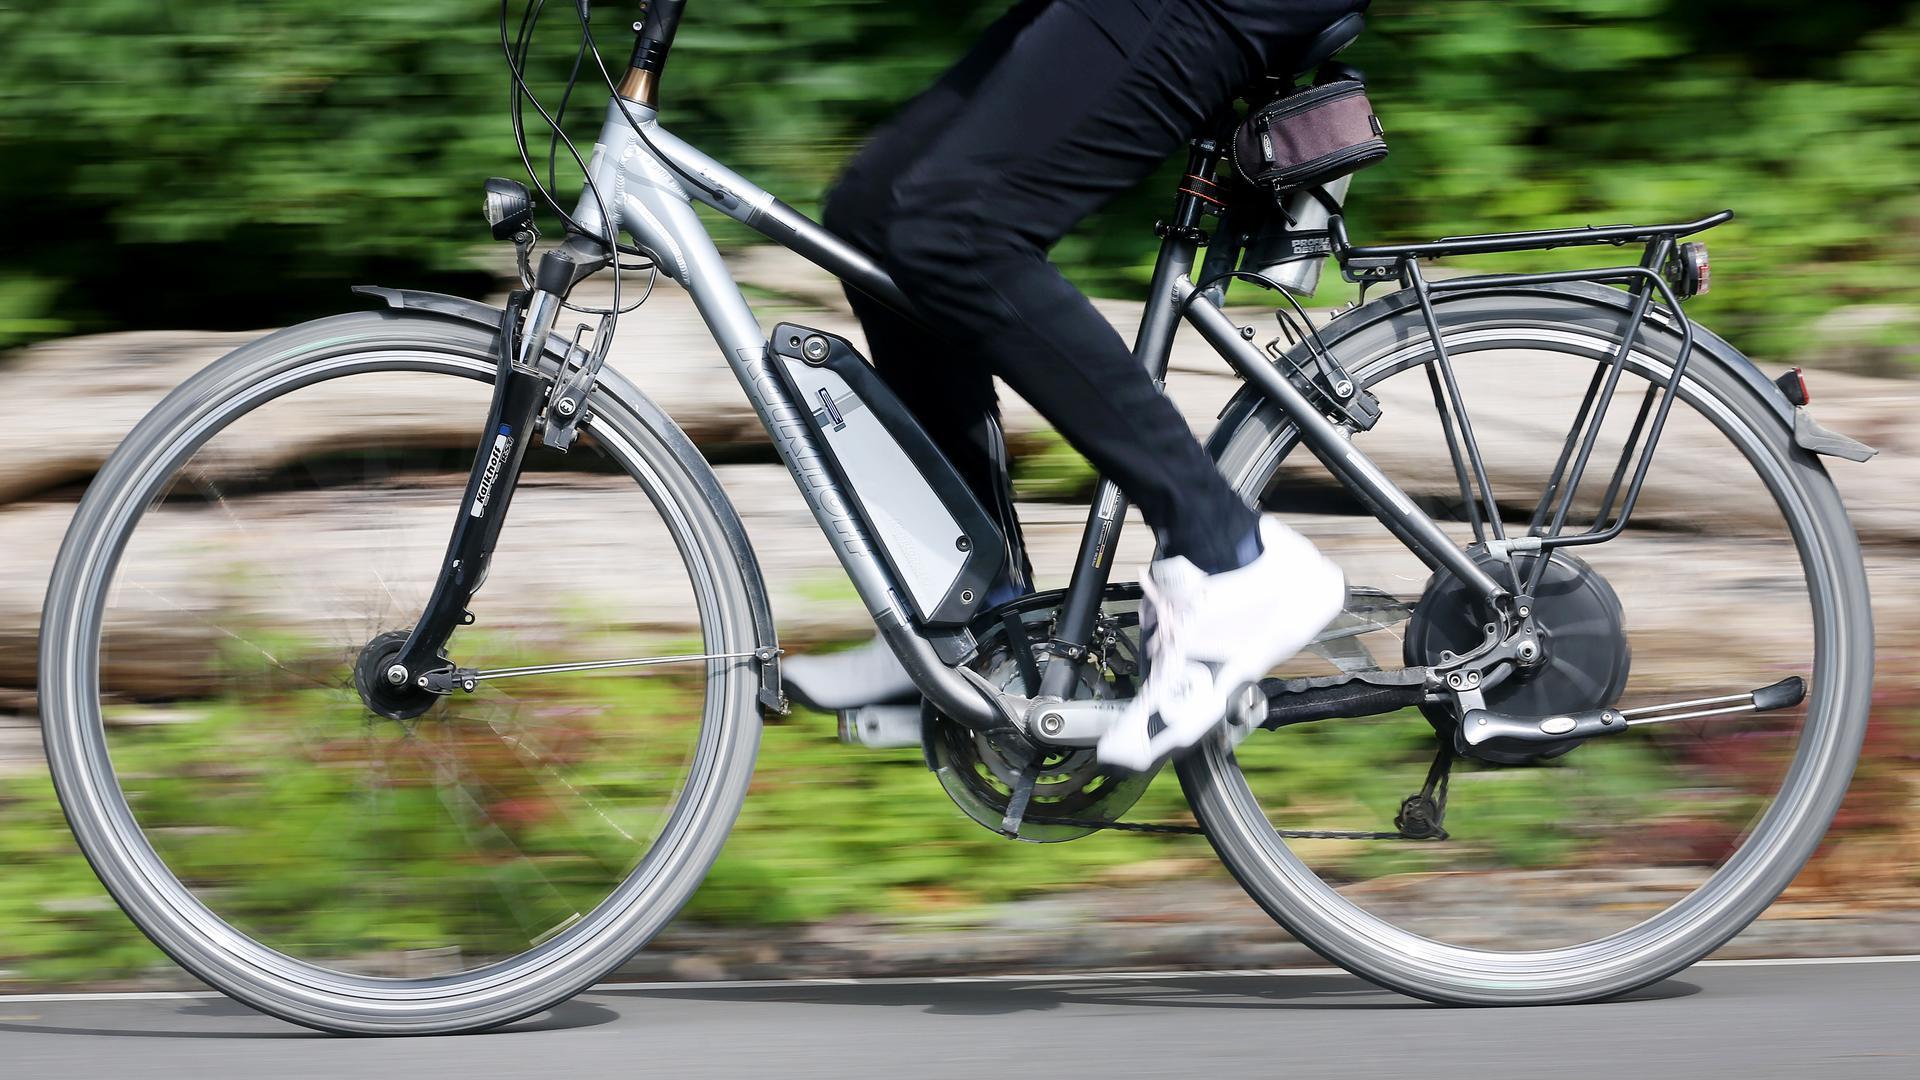 Arbeitgeber setzen auf zwei statt vier Räder: Immer mehr Mitarbeiter kommen mit dem Fahrrad zur Arbeit. Der Landkreis und viele weitere Kommunen unterstützen beim Leasing der E-Bikes.